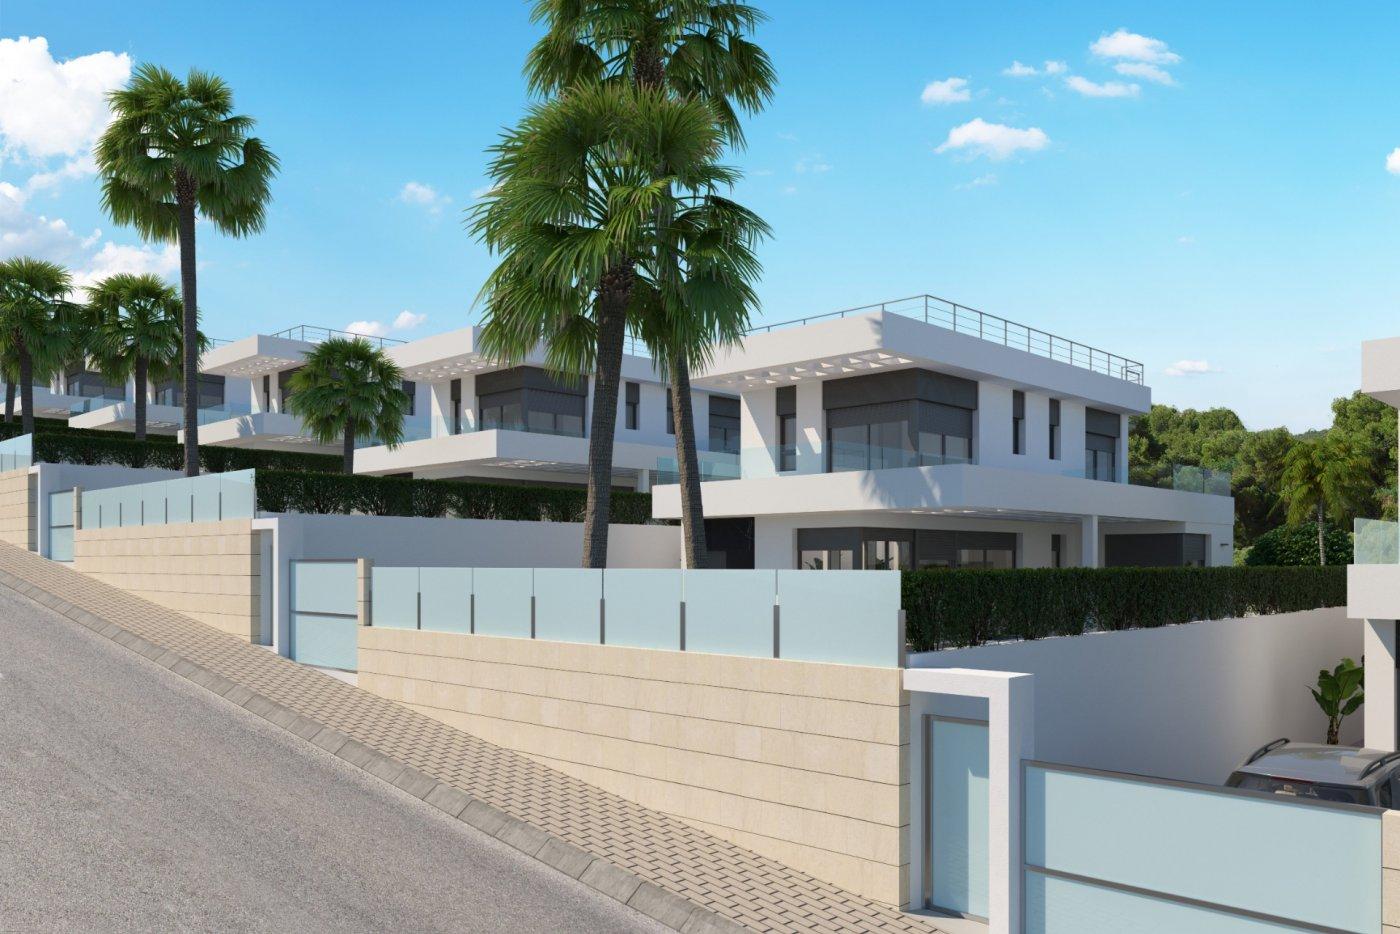 Villas modernas en sierra cortina (finestrat) a un paso de benidorm - imagenInmueble15